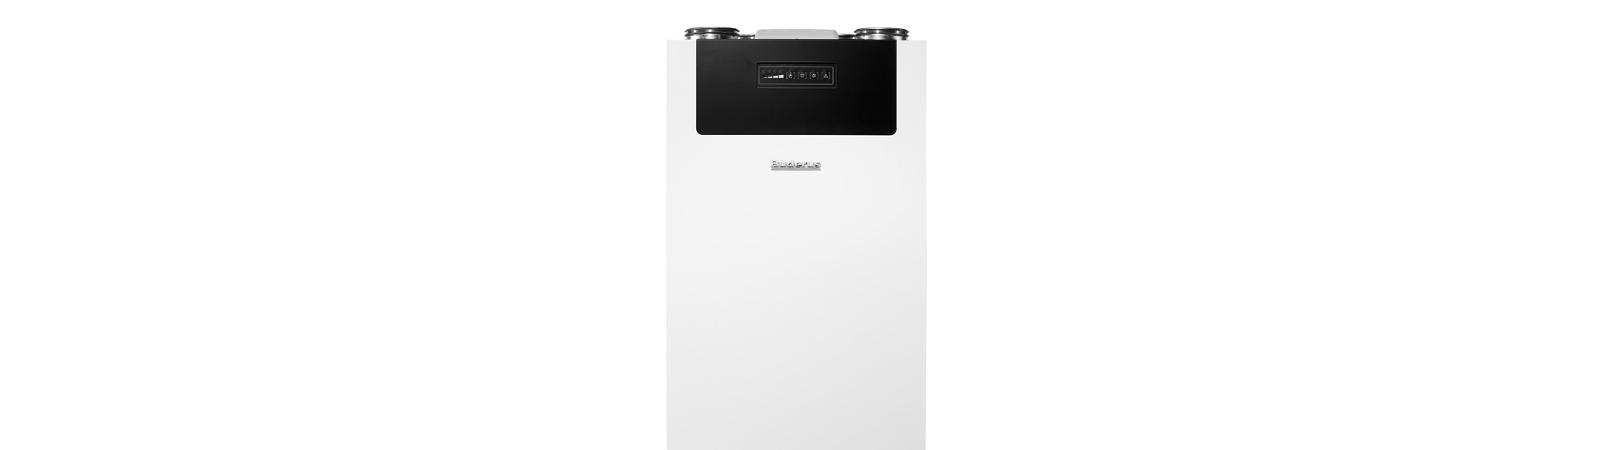 Klimaanlagen für Wohnungen: Wohnräume sparsam kühlen